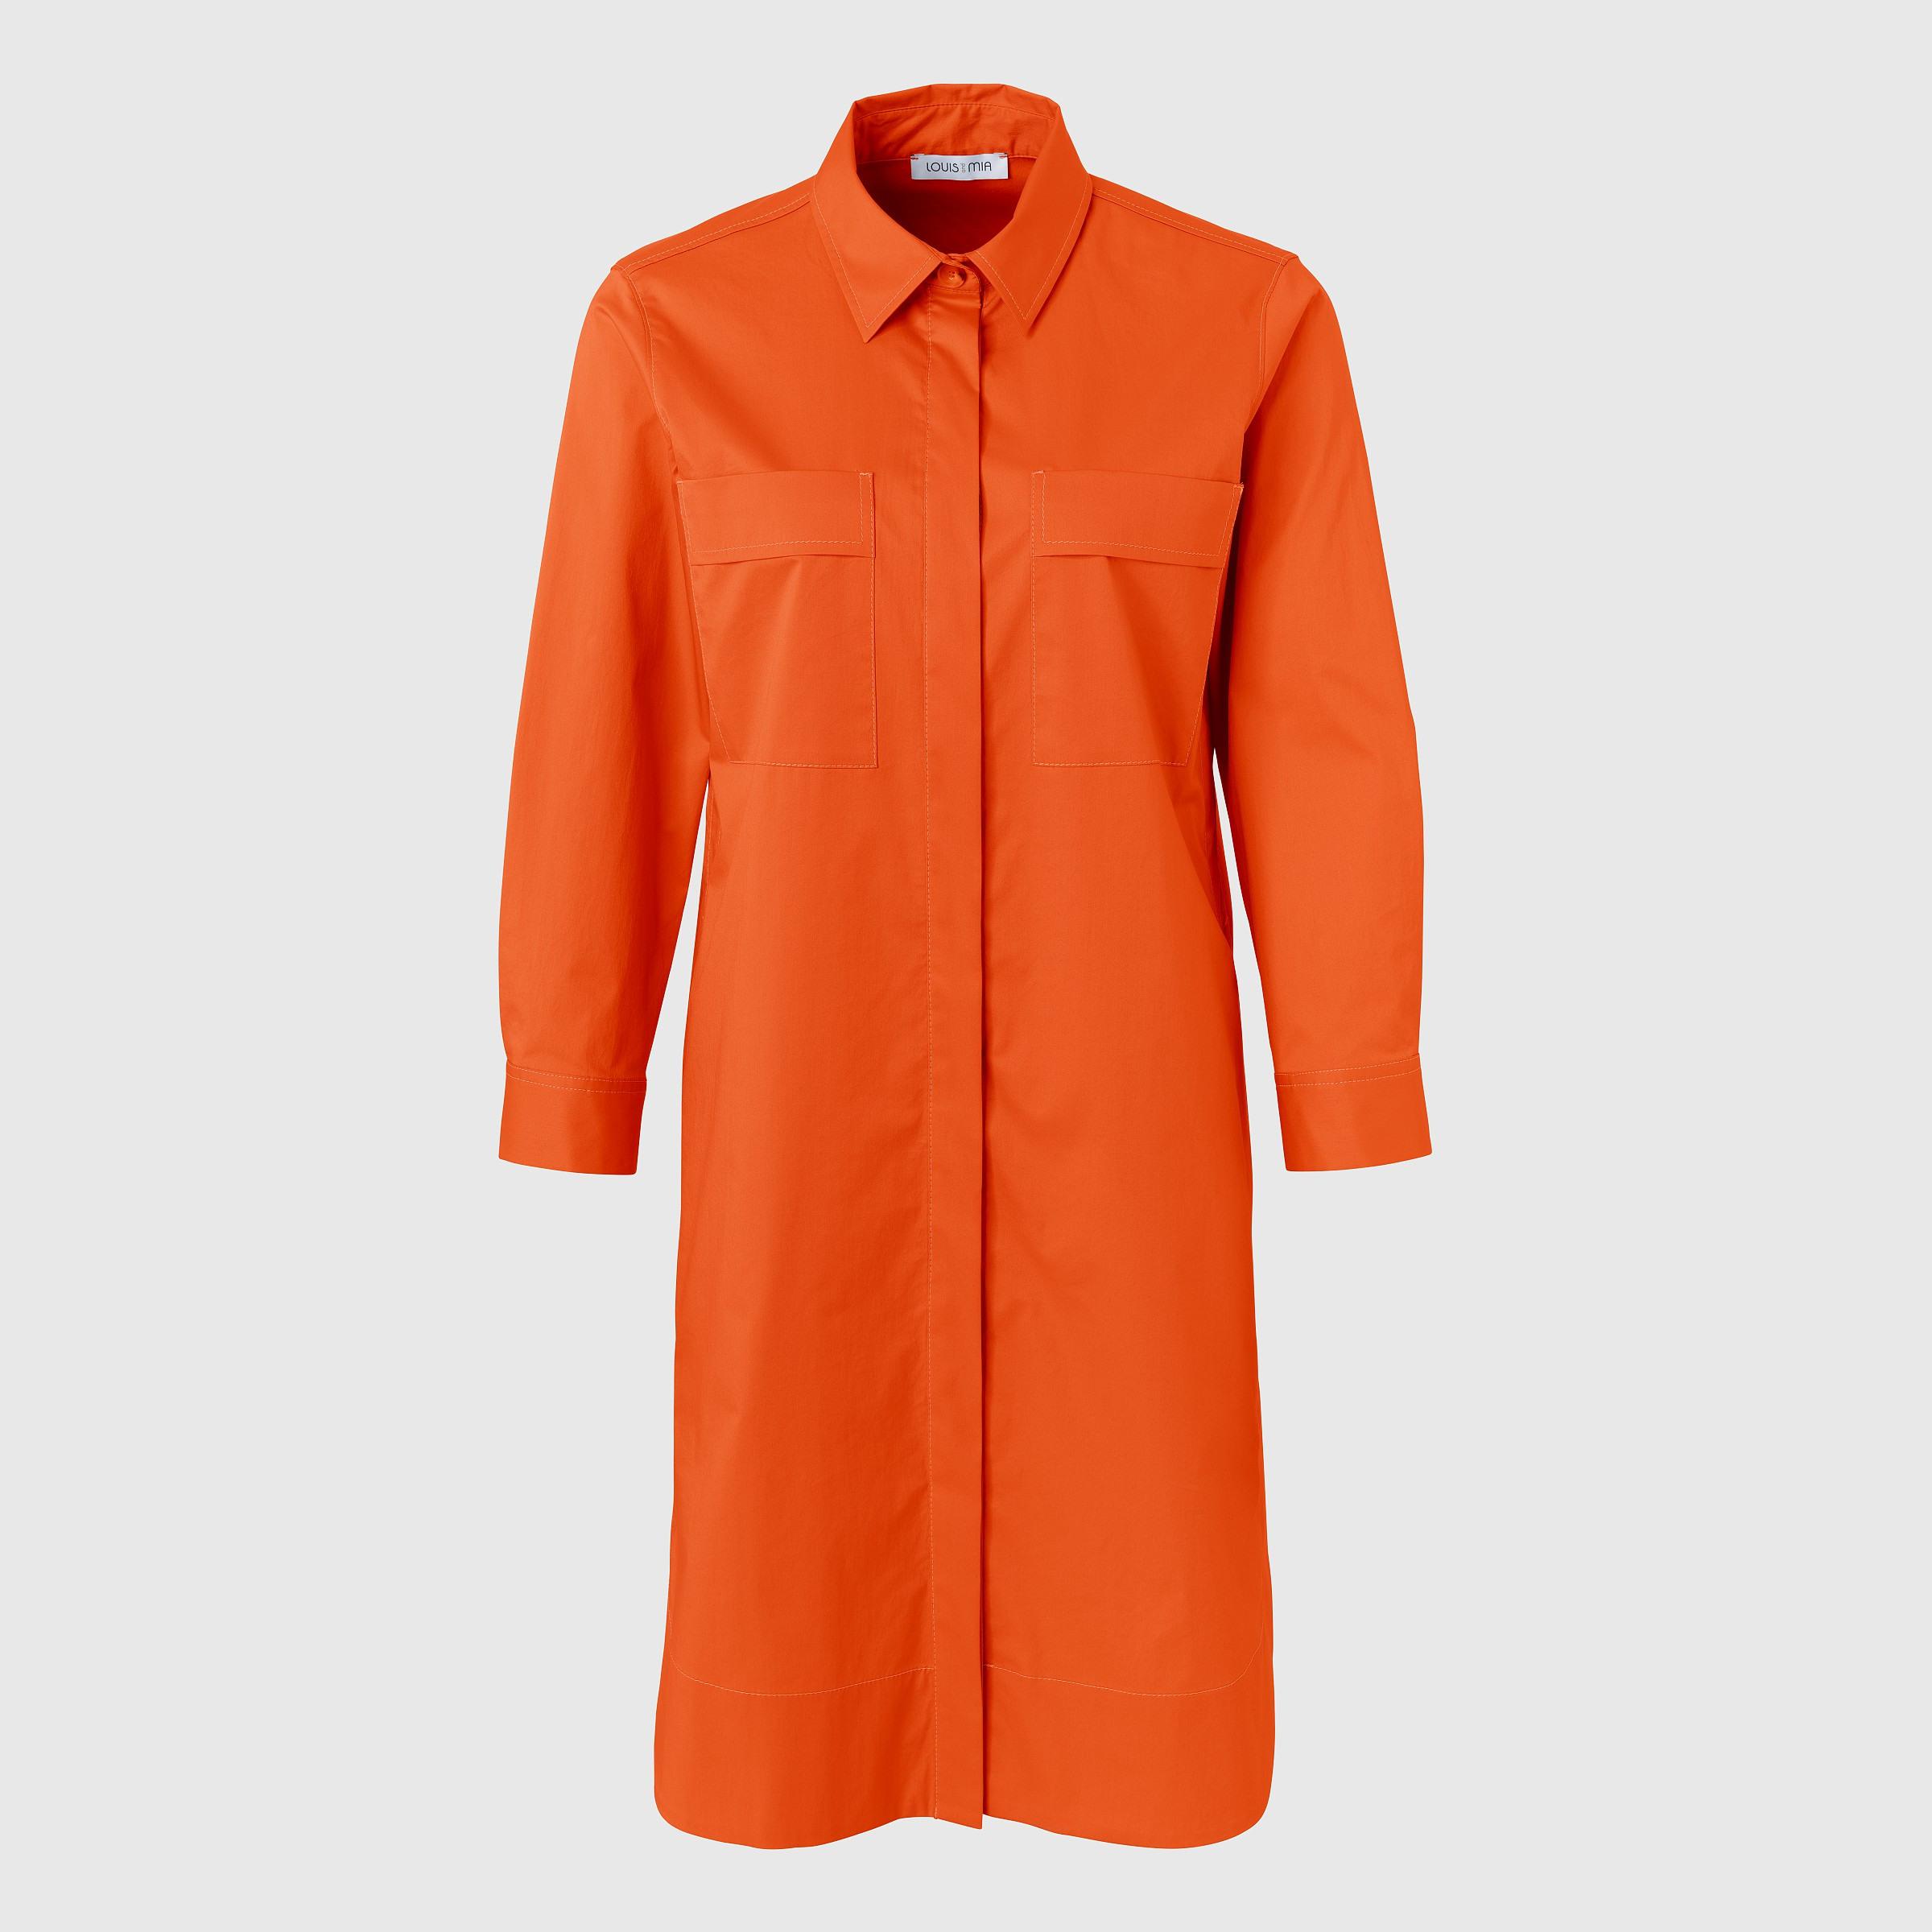 Oranges Hemdblusenkleid Mit Durchgehender Knopfleiste In